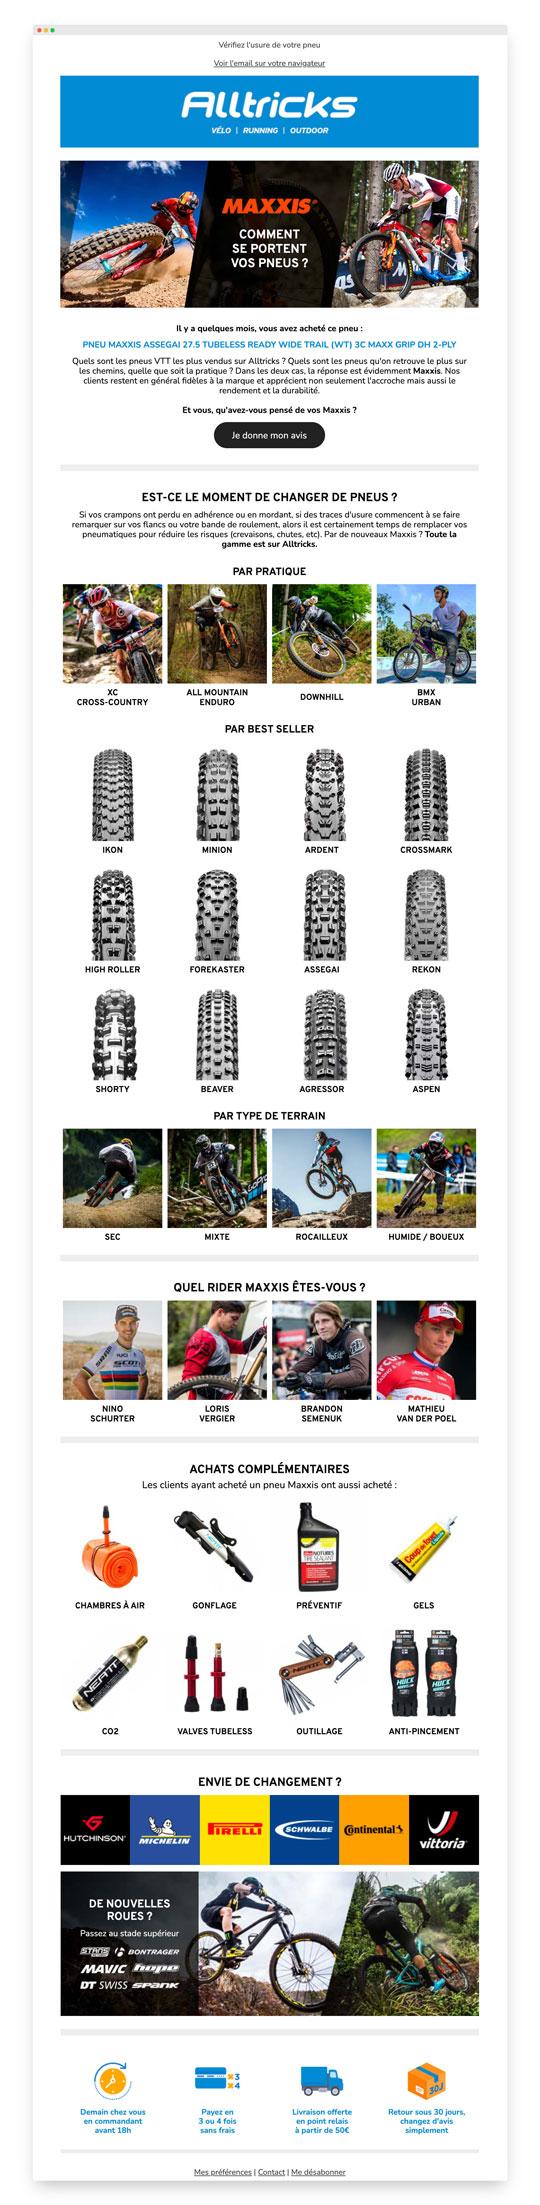 Un exemple d'email trigger d'Alltricks pour le renouvellement des pneus